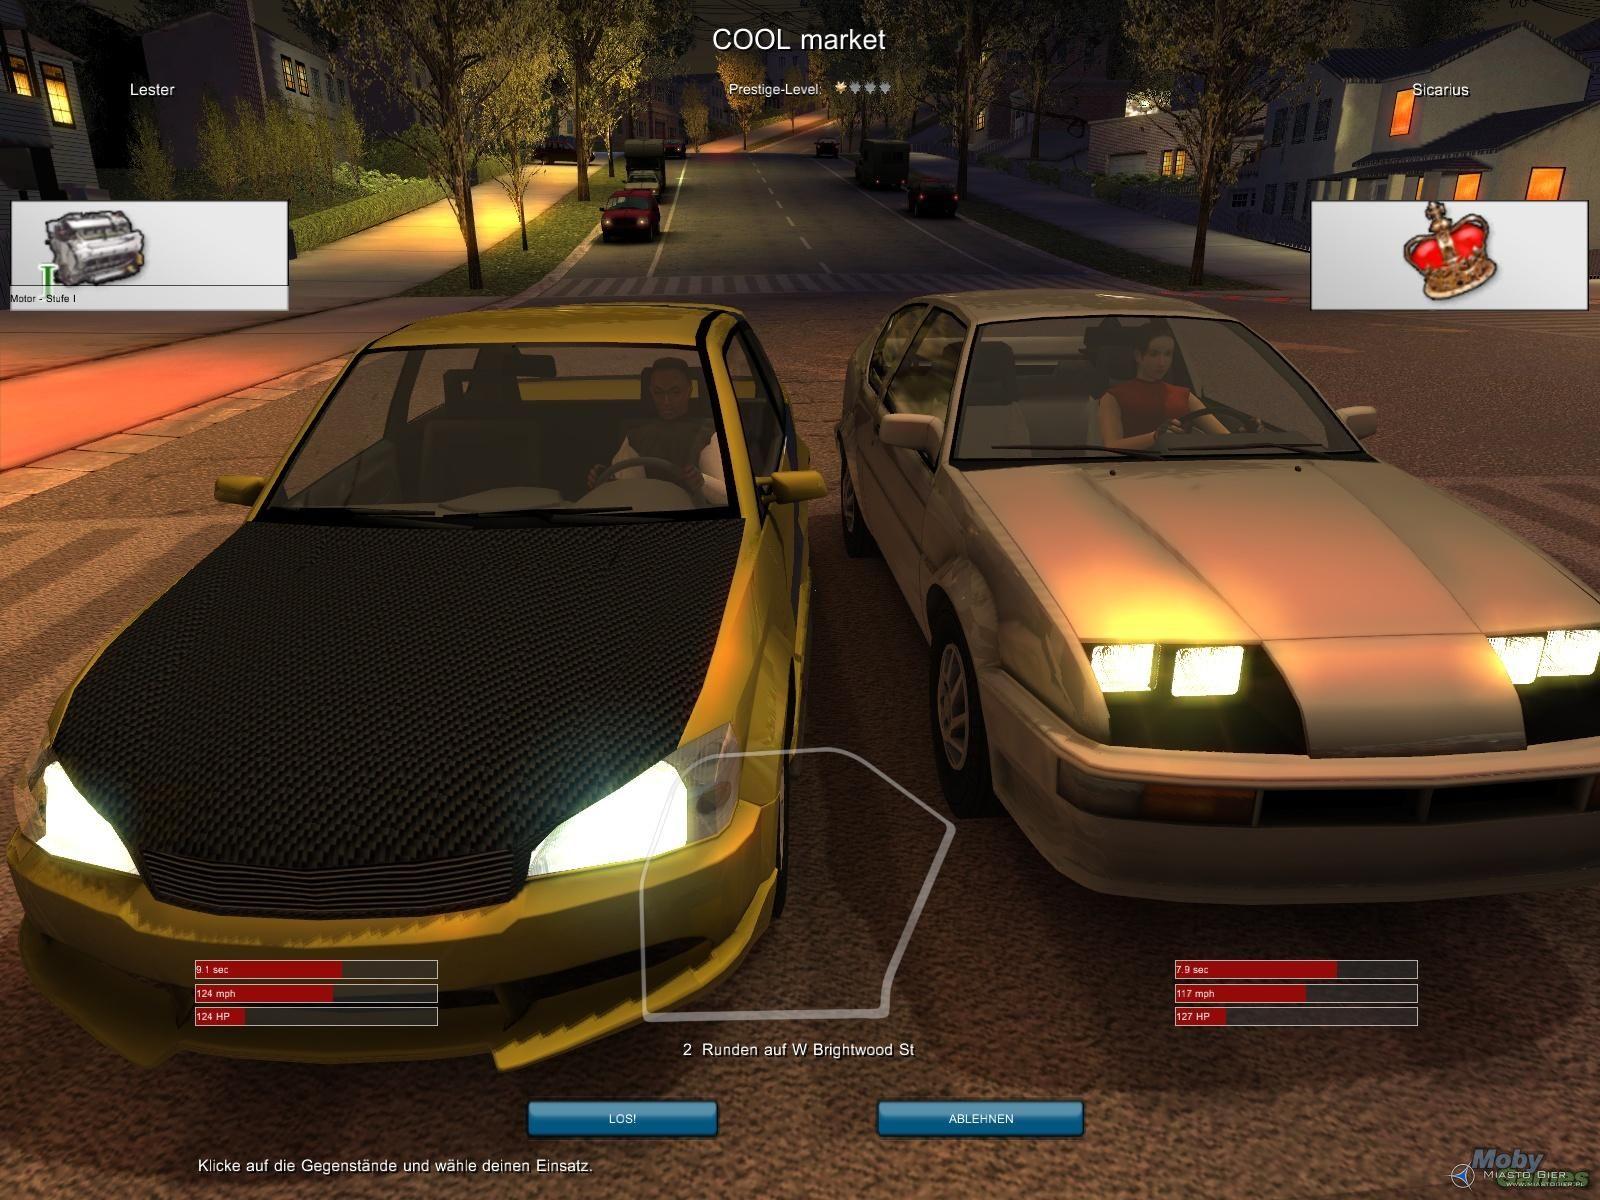 http://www.miastogier.pl/baza/Encyklopedia/gry/News/30.08.2007/nws_gra2.jpeg